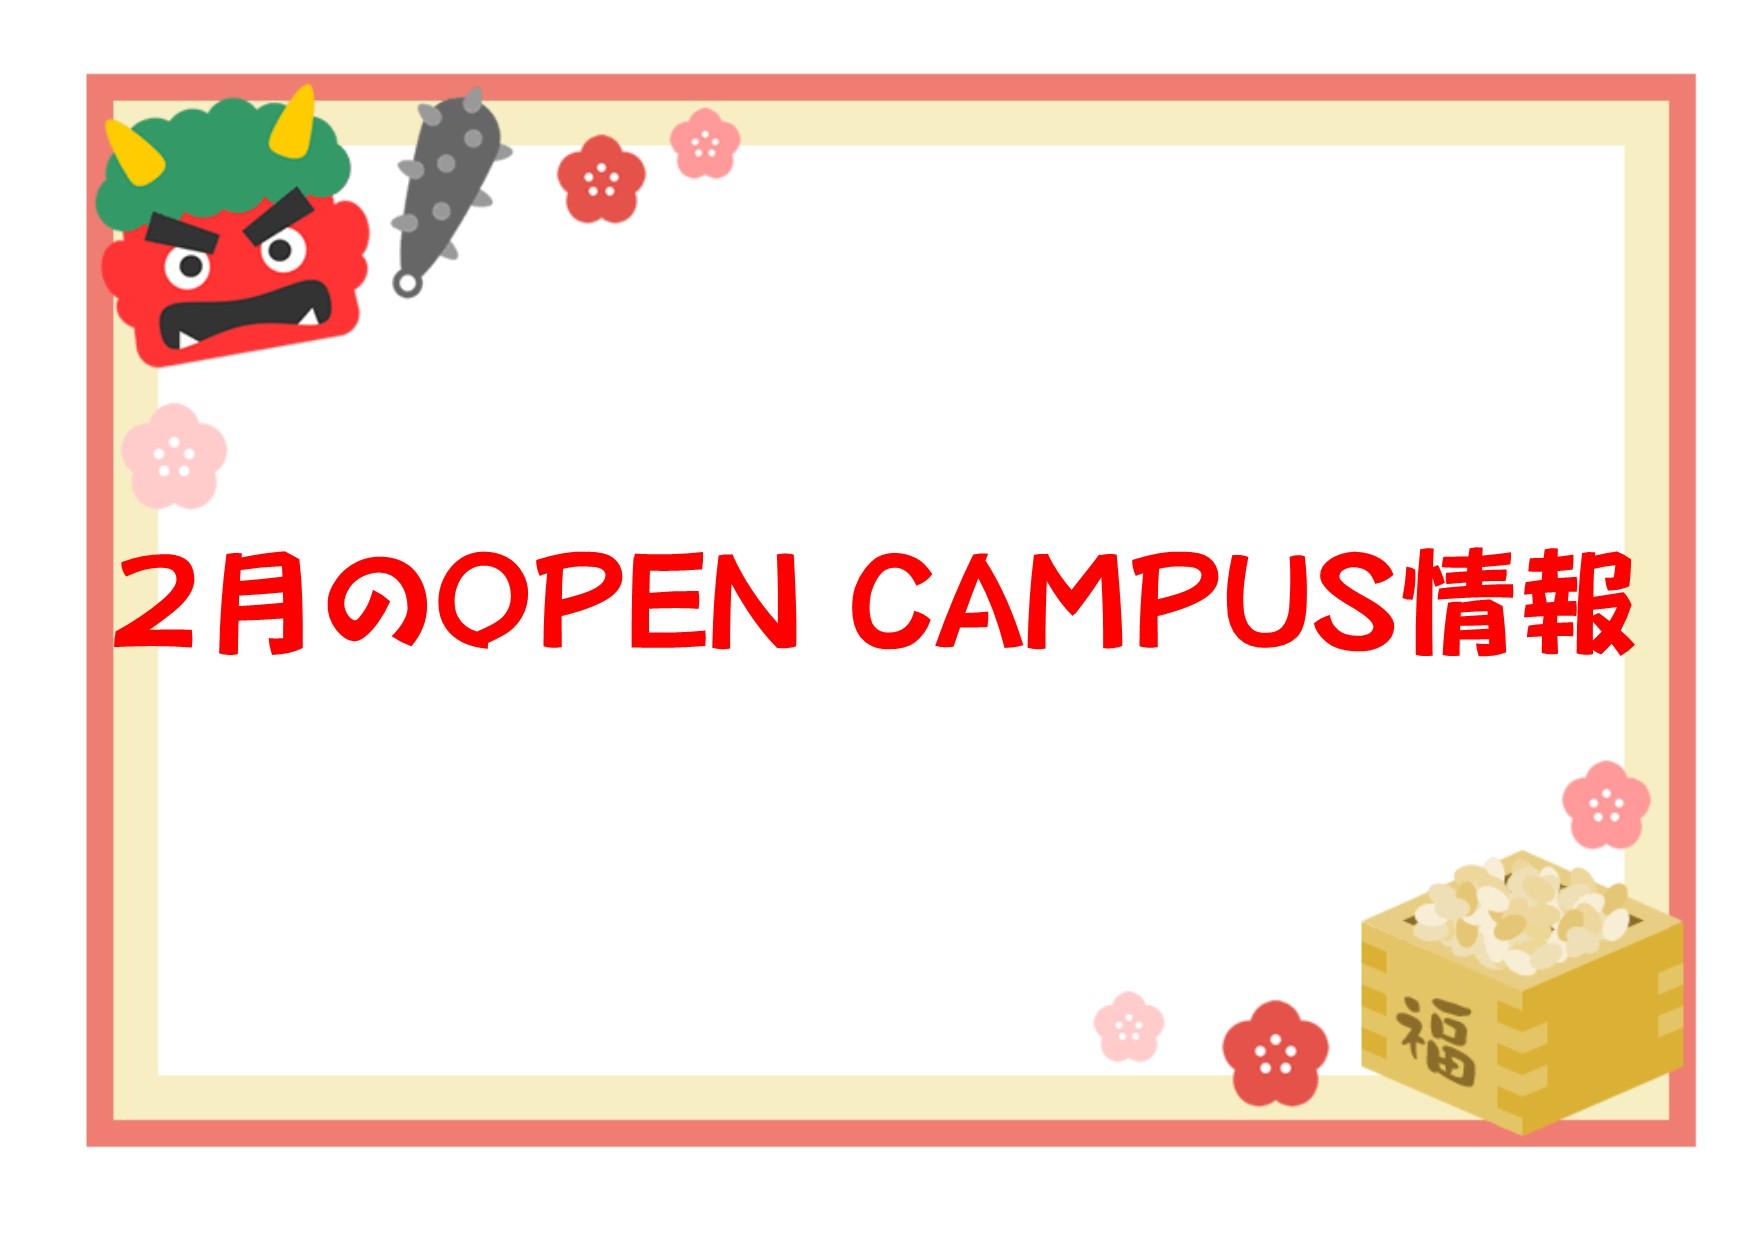 盛り上がること間違いなし!2月のオープンキャンパス情報☆